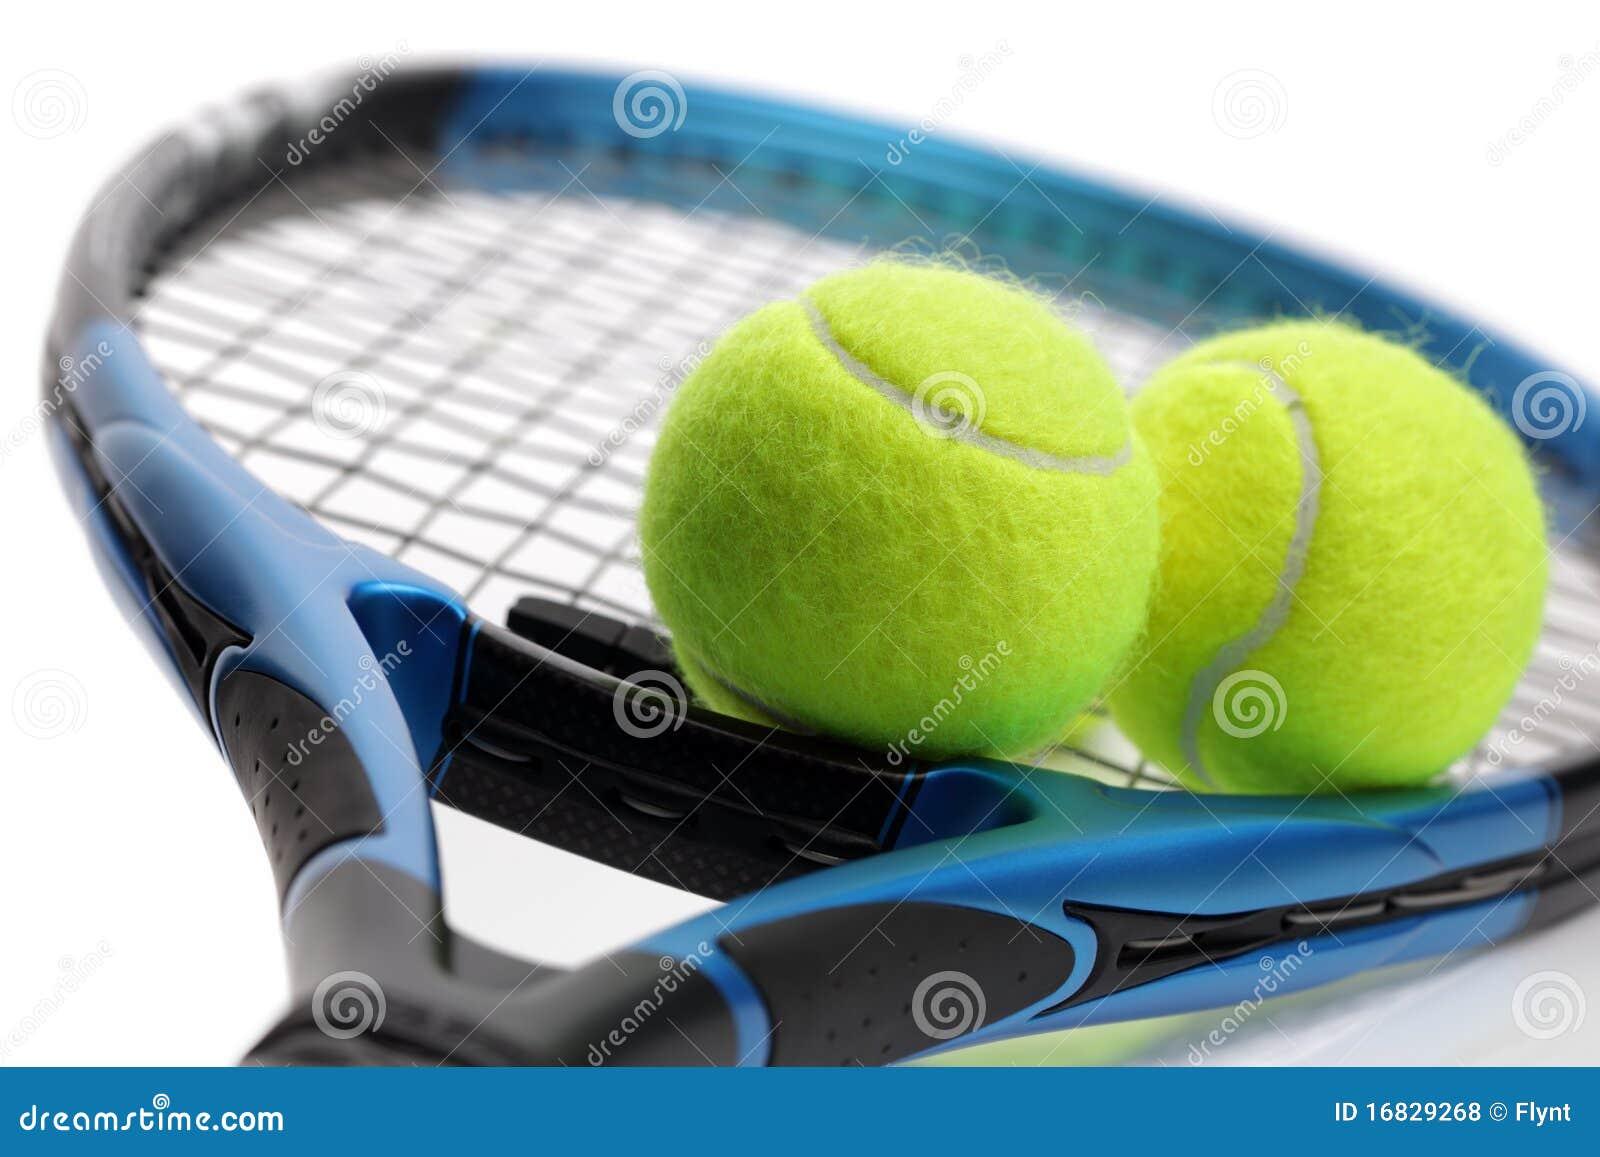 Raquete e esferas de tênis